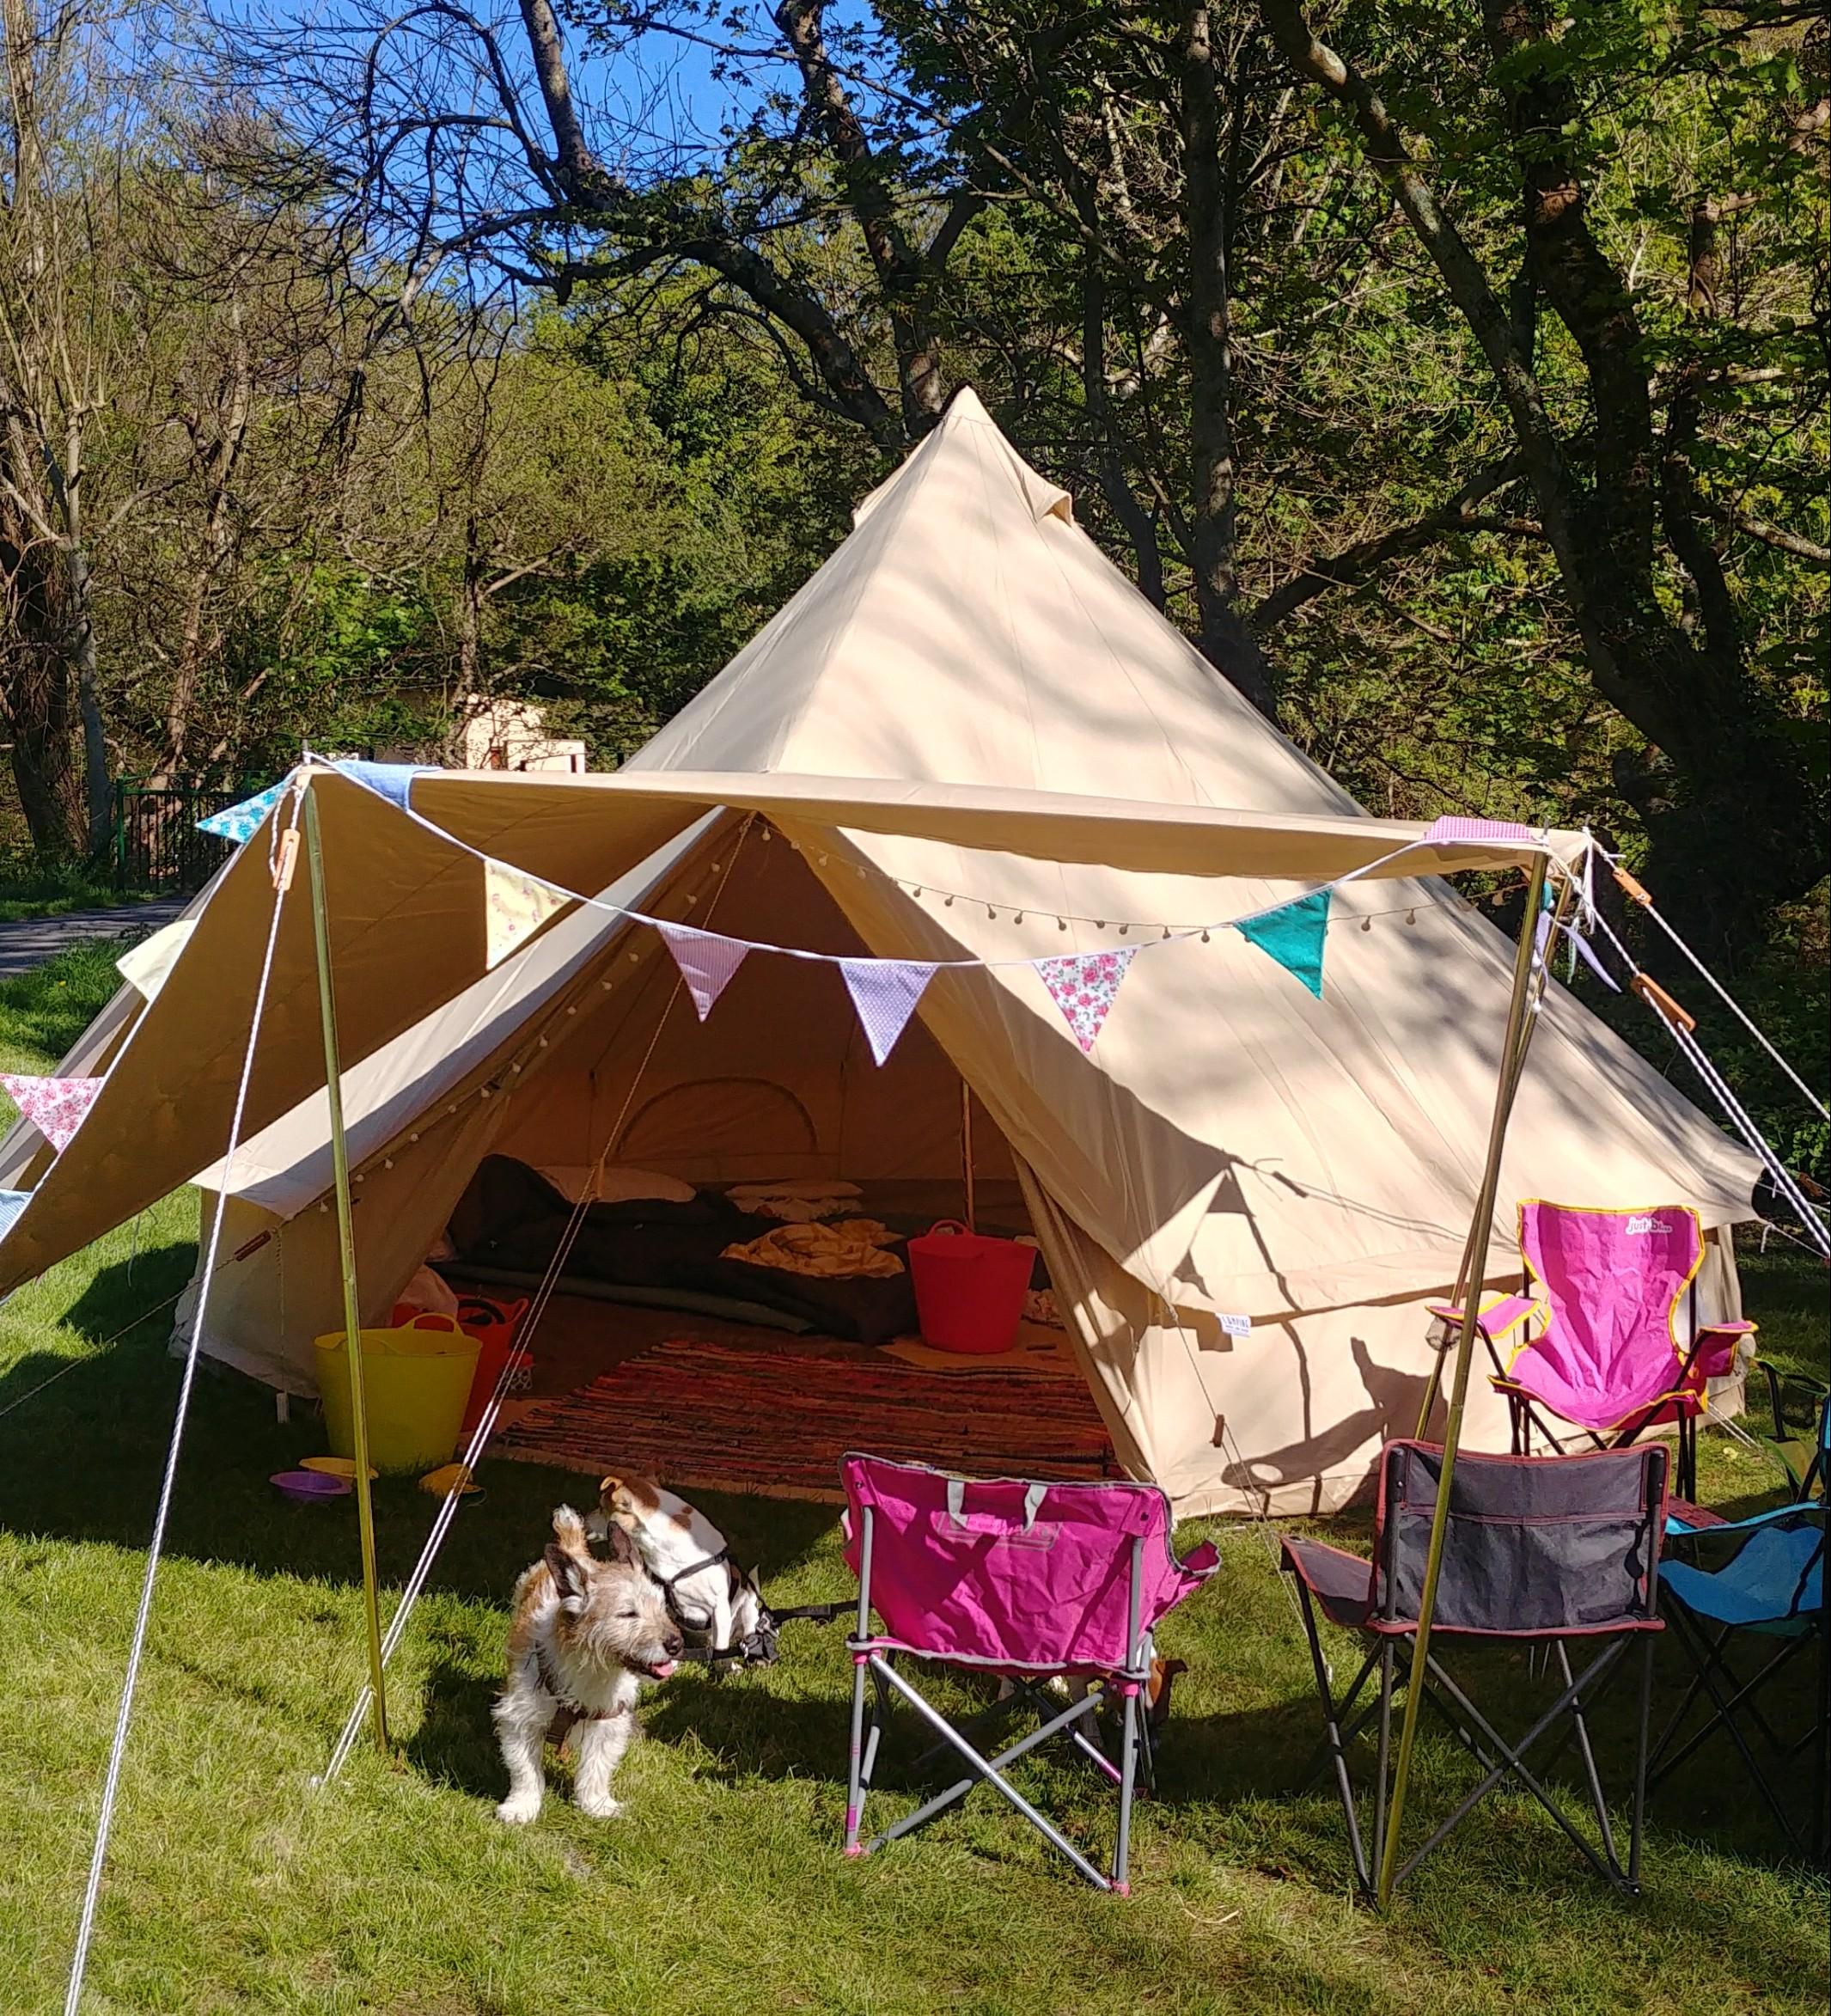 Camping at Aberafon.